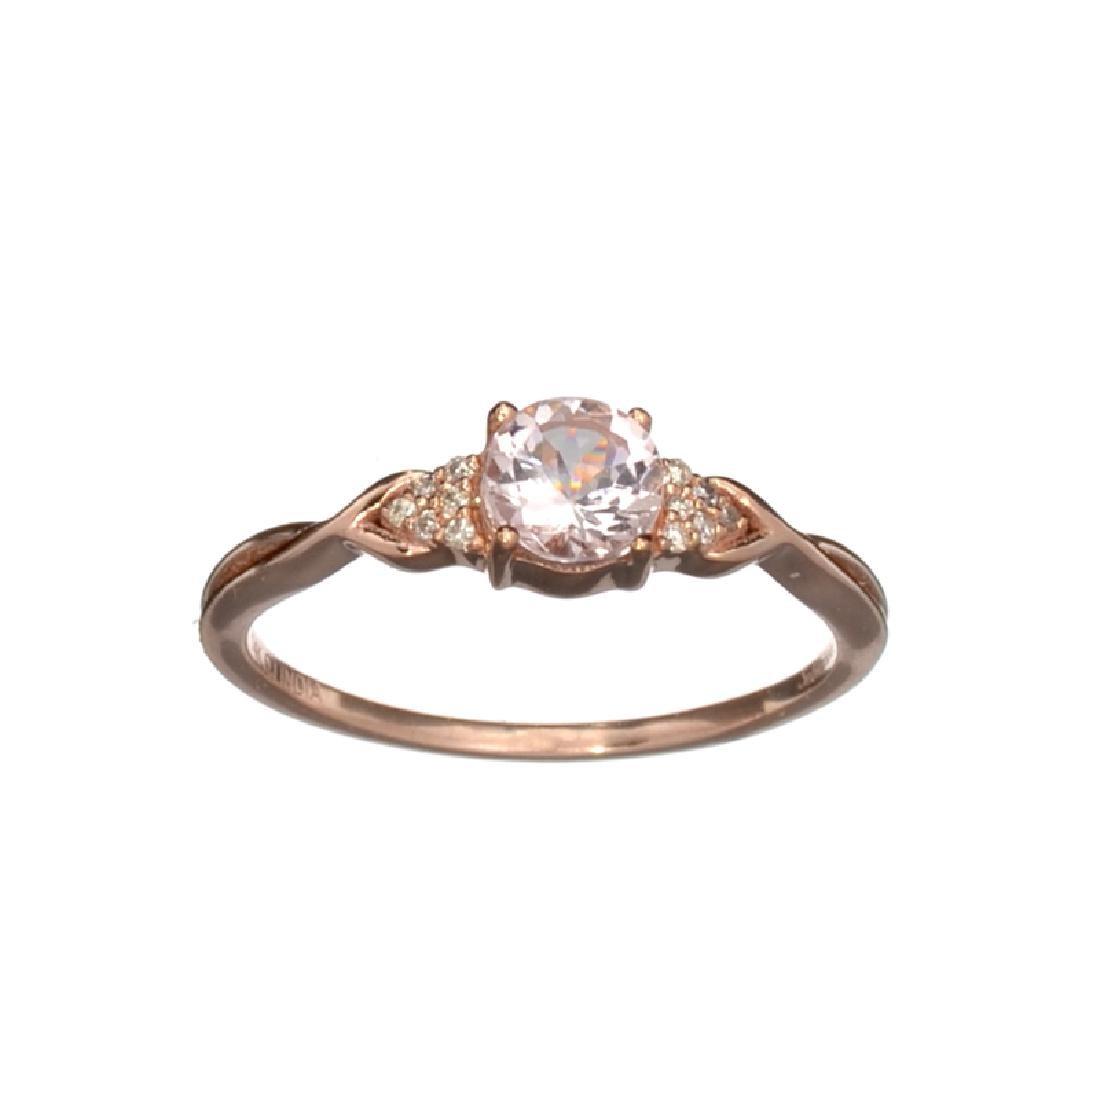 APP: 0.7k Fine Jewelry, Designer Sebastian 14KT Gold,